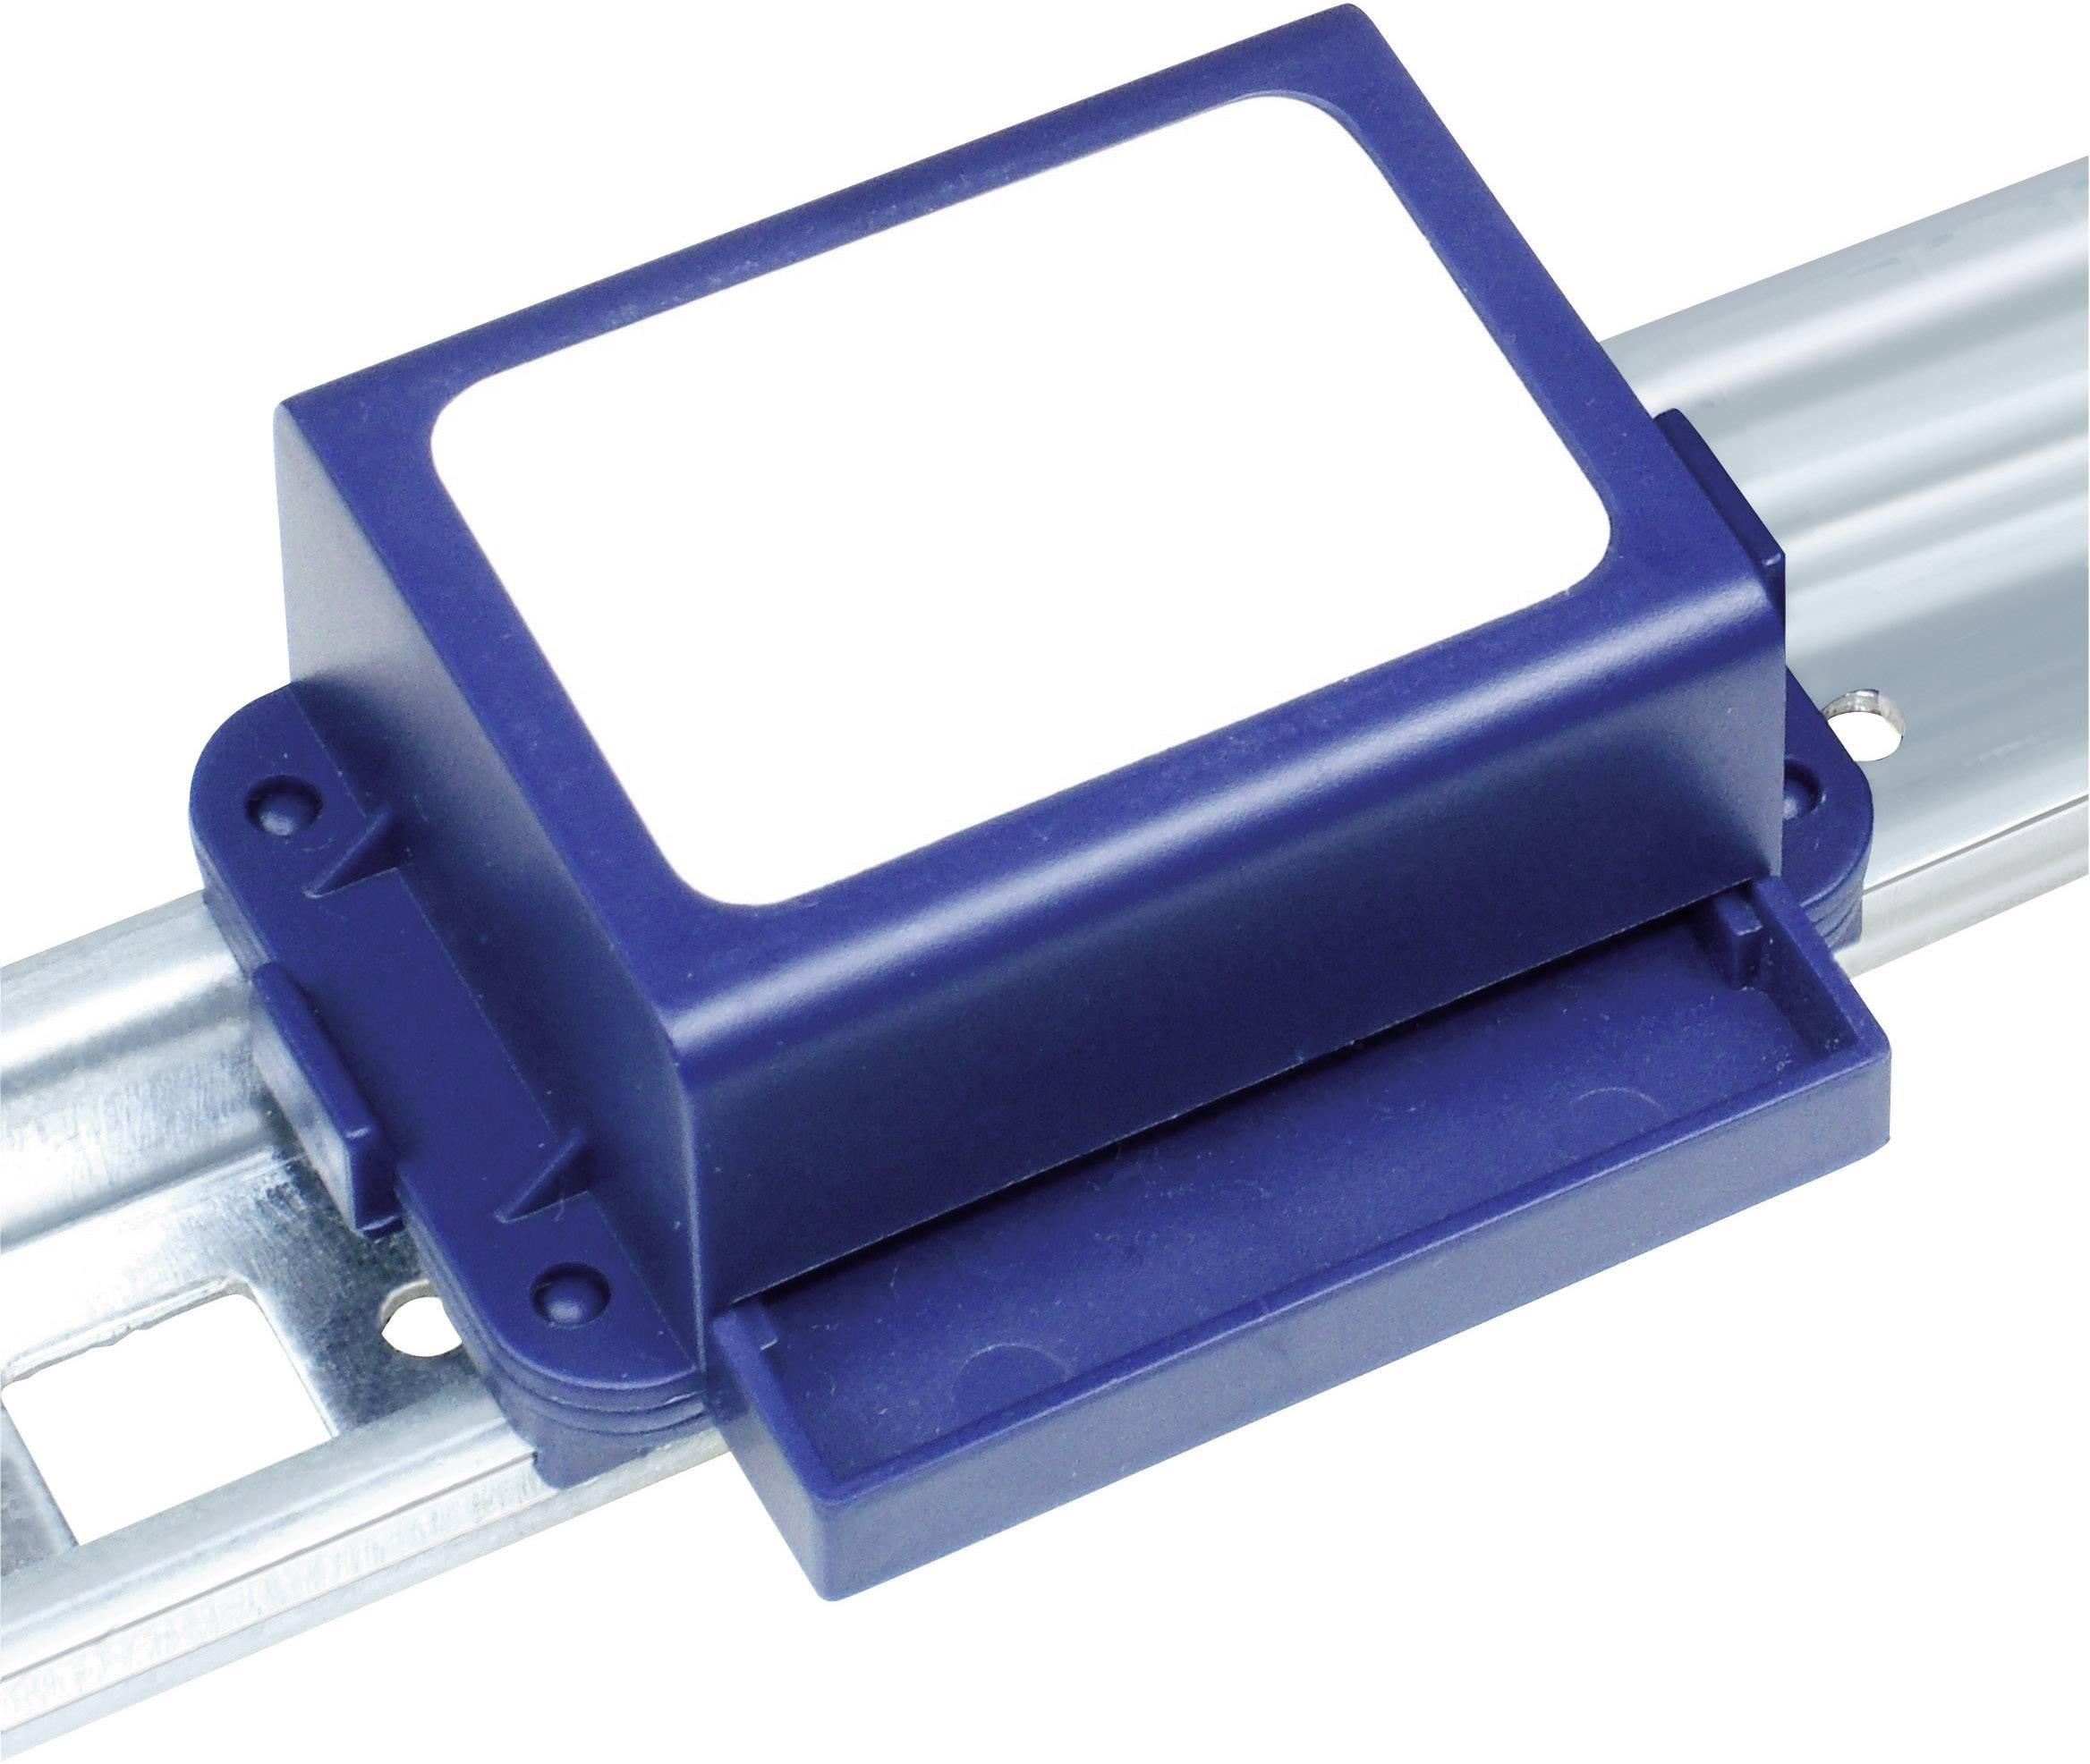 Univerzálne modulové púzdro TowiTek TWT2009 kontrola prístupu pomocou RFID